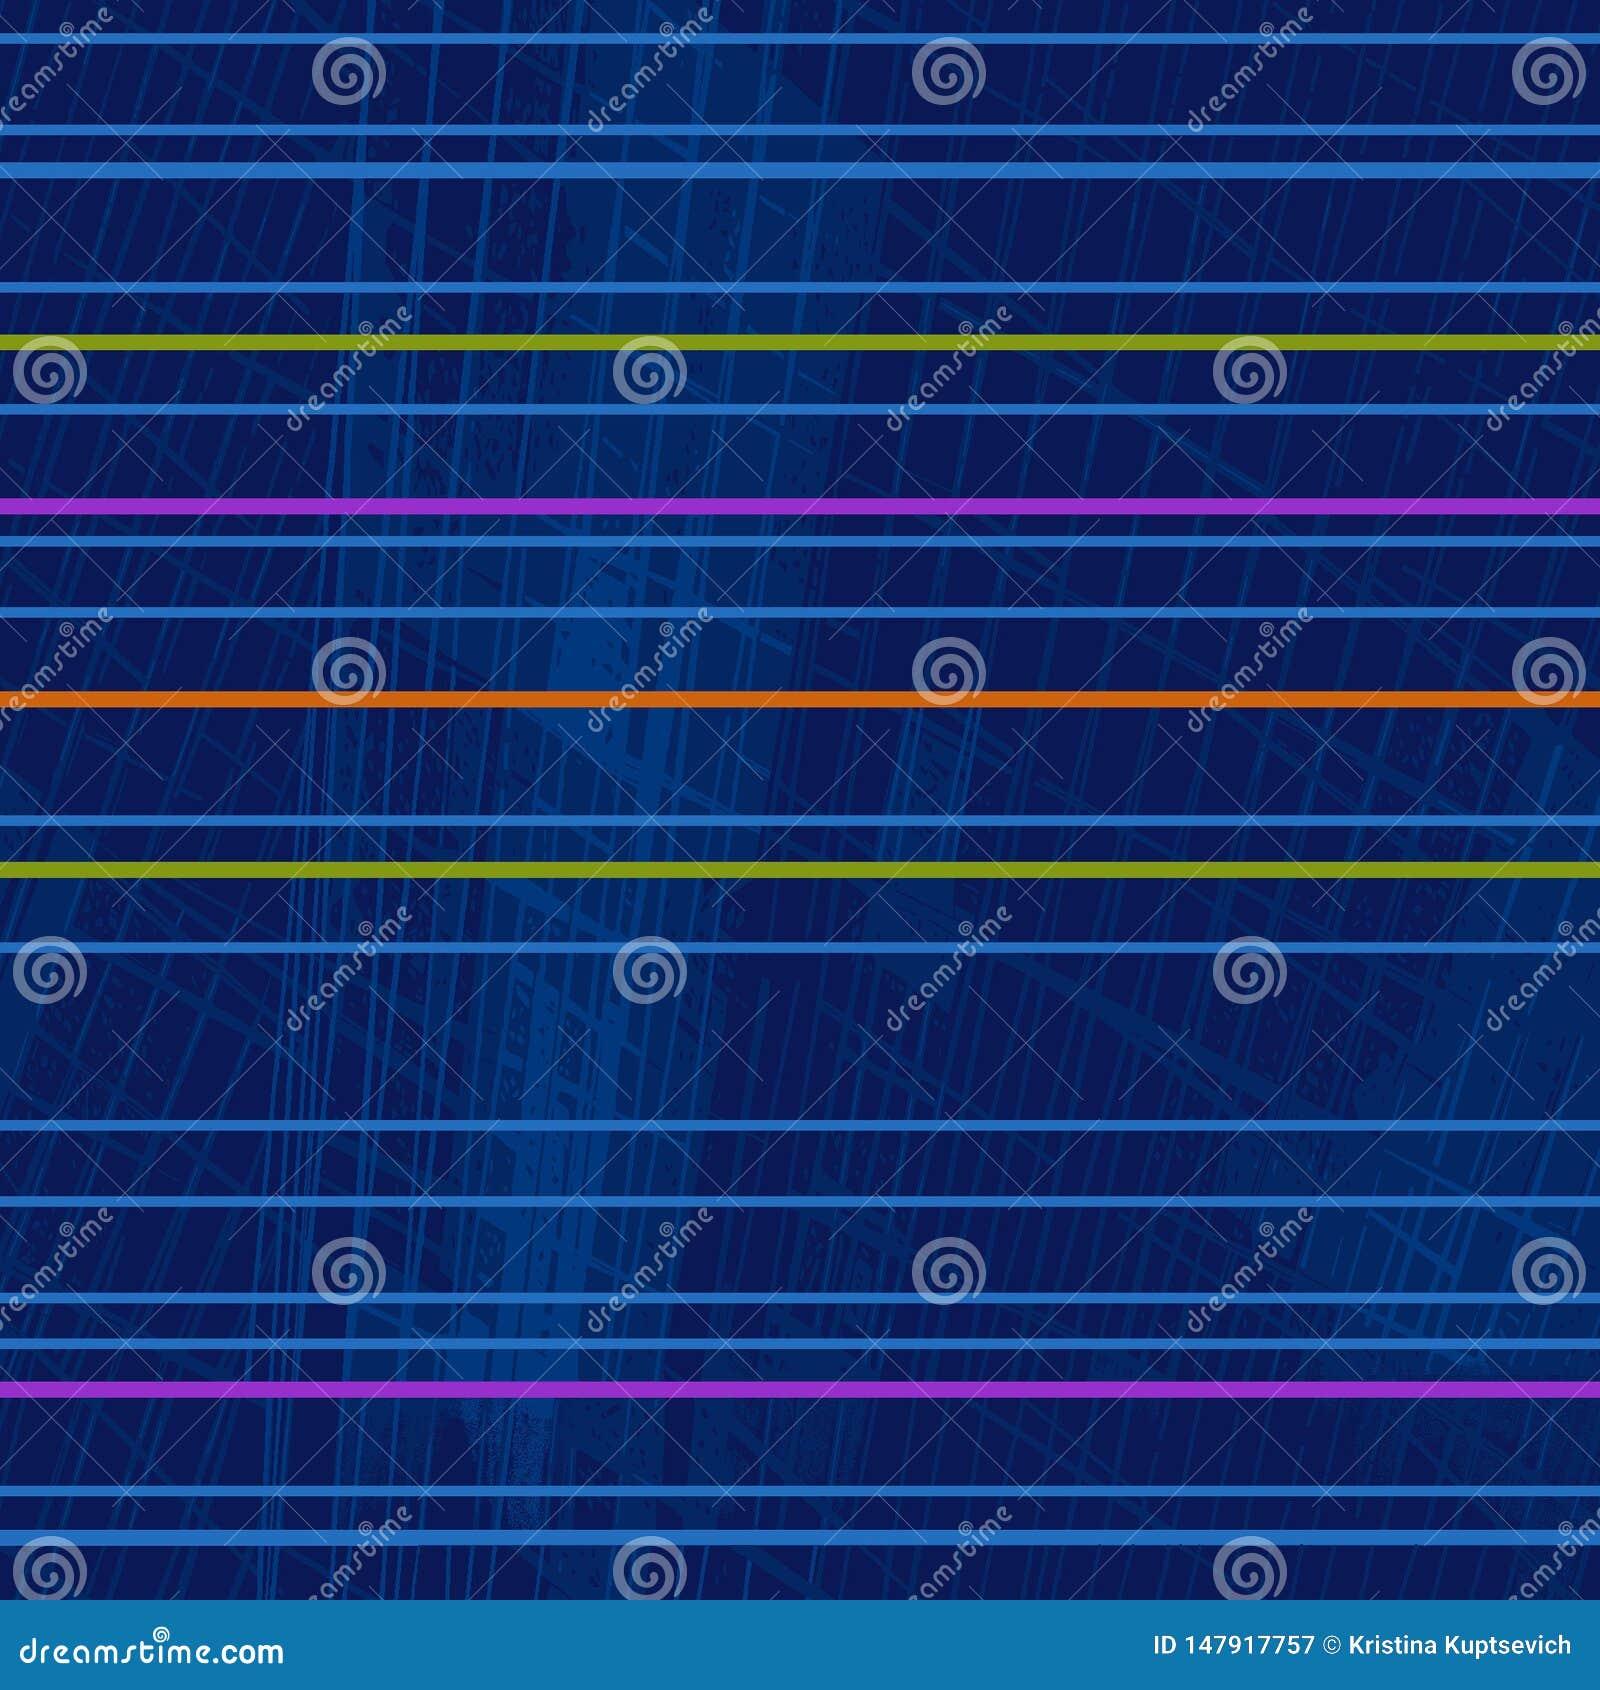 Modello geometrico ripetitivo delle bande orizzontali fluorescenti luminose